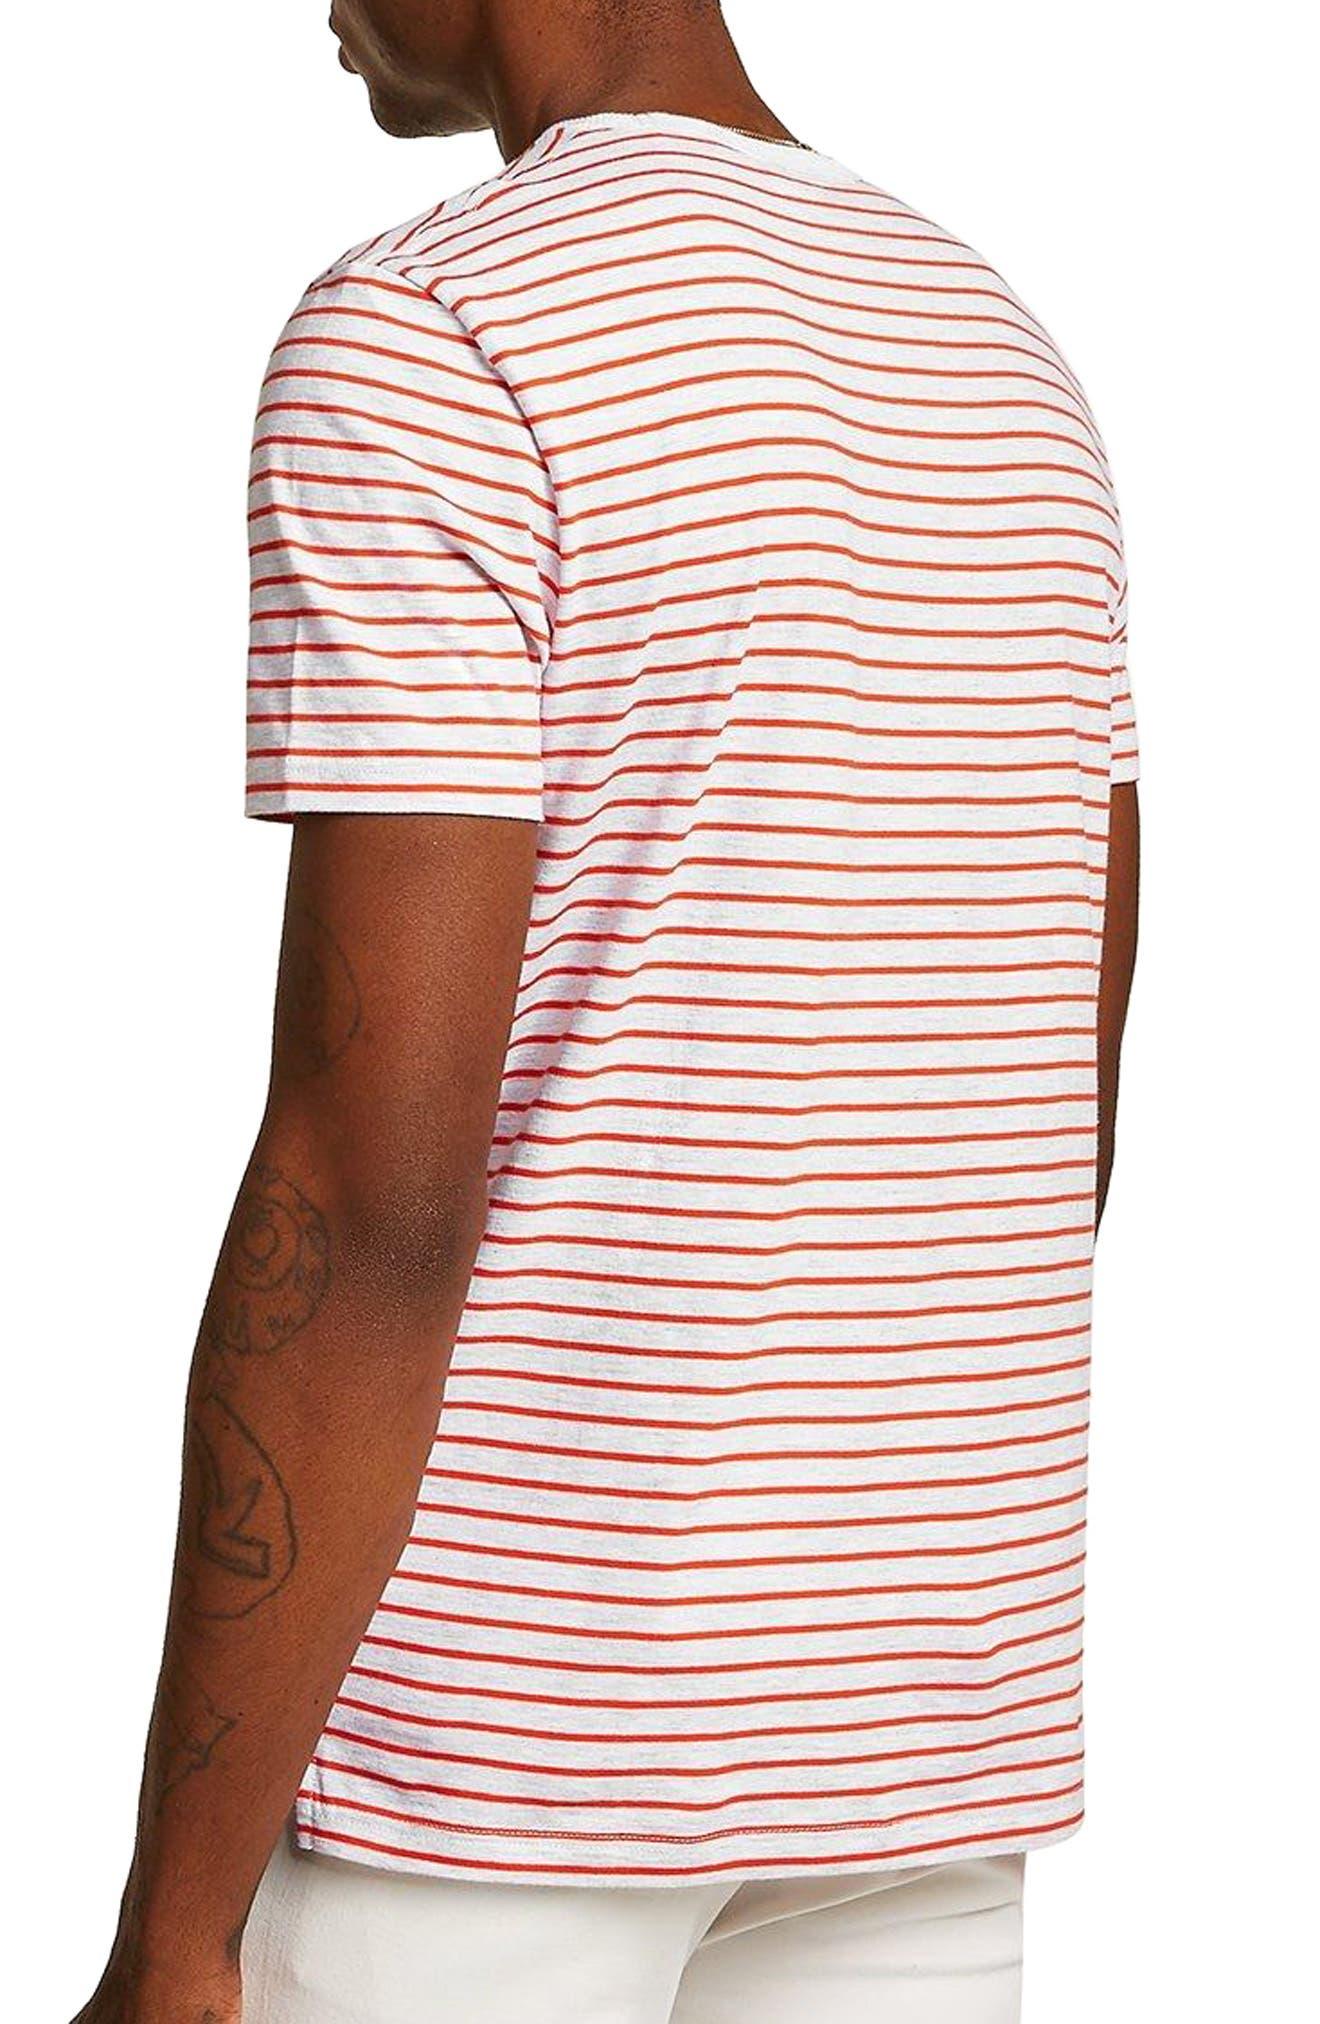 Stripe T-Shirt,                             Alternate thumbnail 2, color,                             ORANGE MULTI